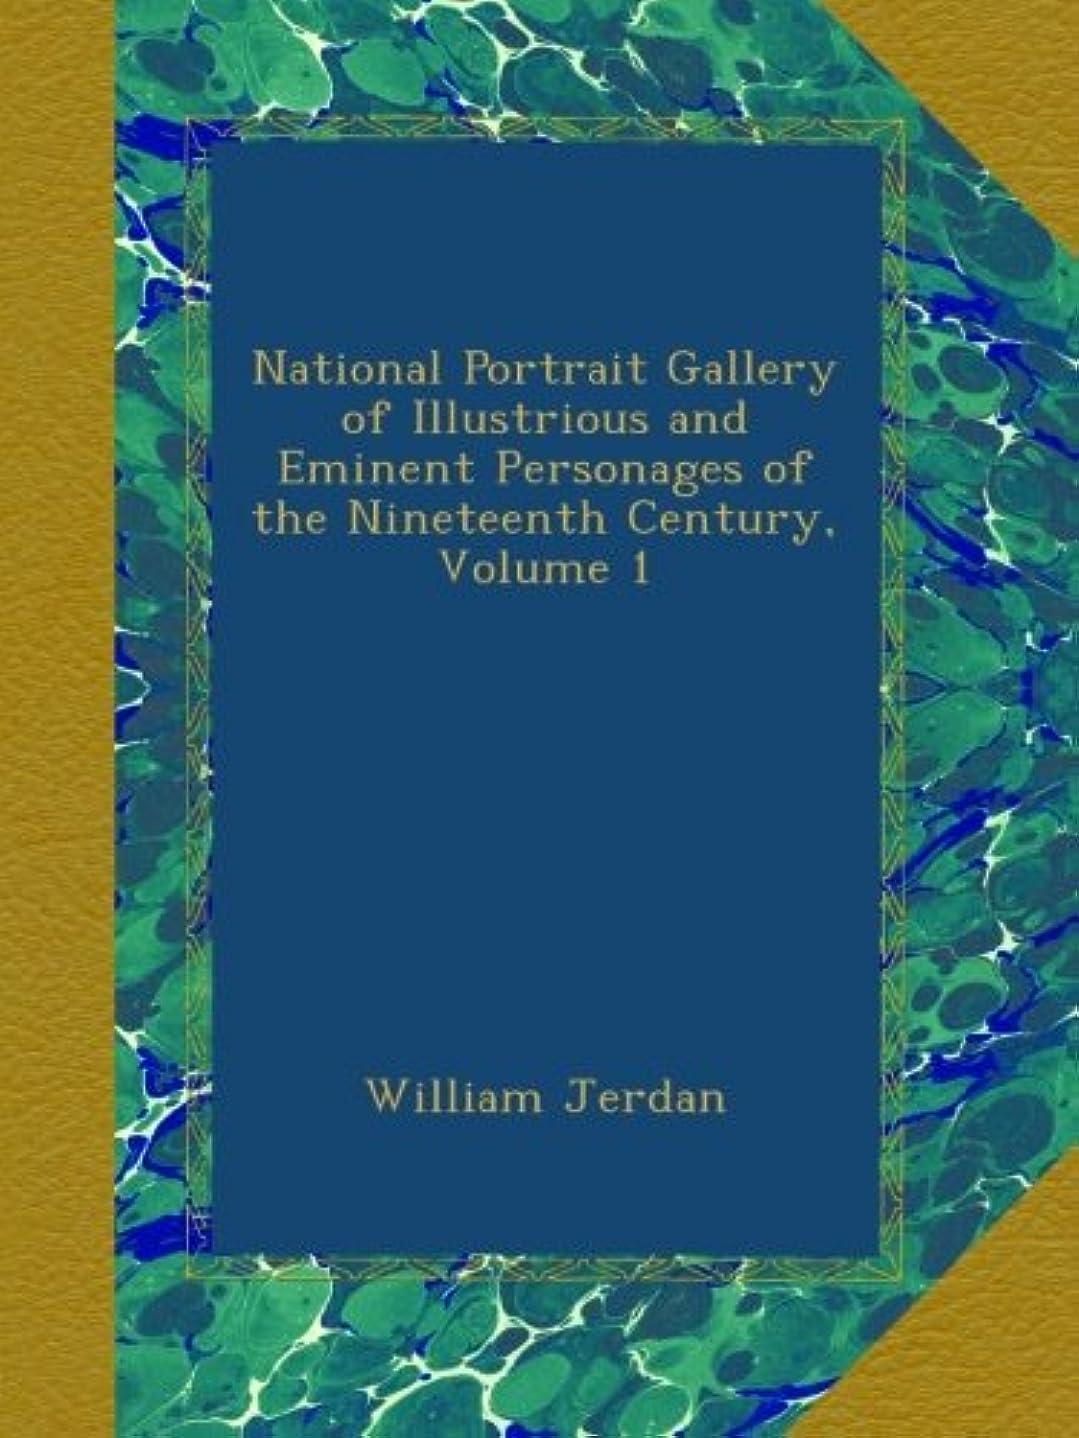 神経障害ギャロップ敬意を表してNational Portrait Gallery of Illustrious and Eminent Personages of the Nineteenth Century, Volume 1